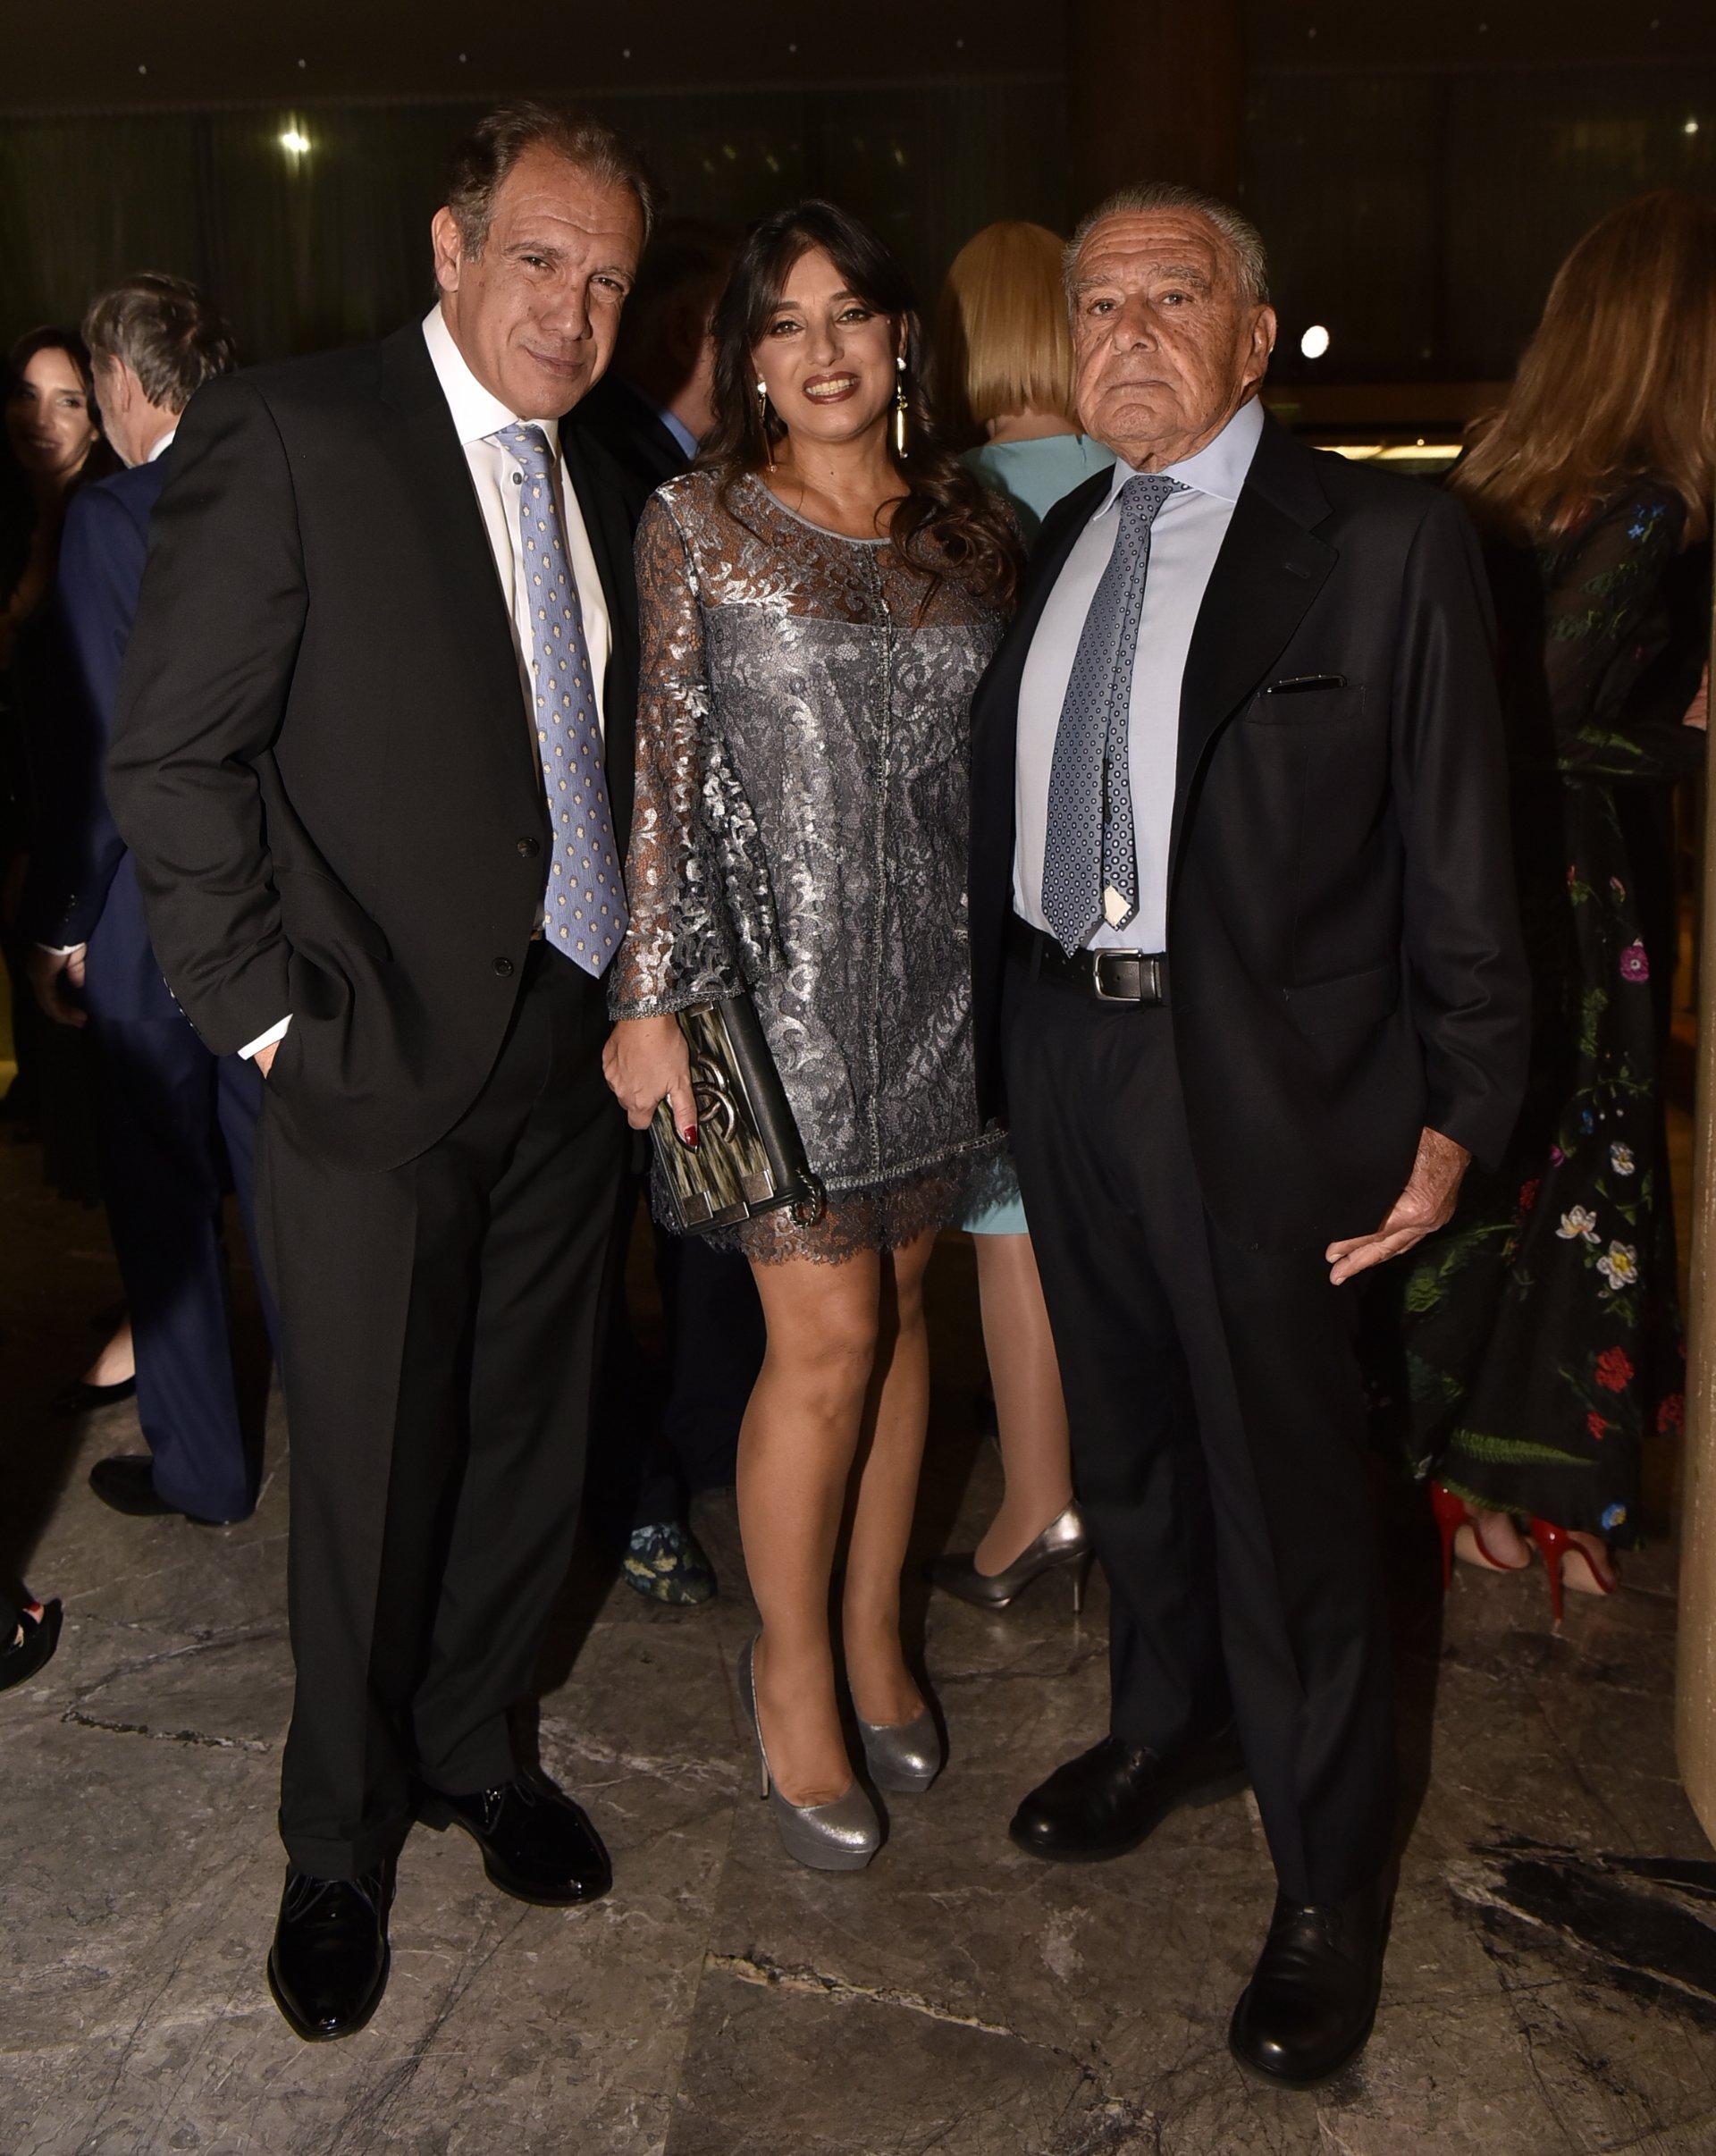 Daniel Hadad, fundador de Infobae; su mujer Viviana Zocco, y Eduardo Eurnekian, presidente de Corporación América